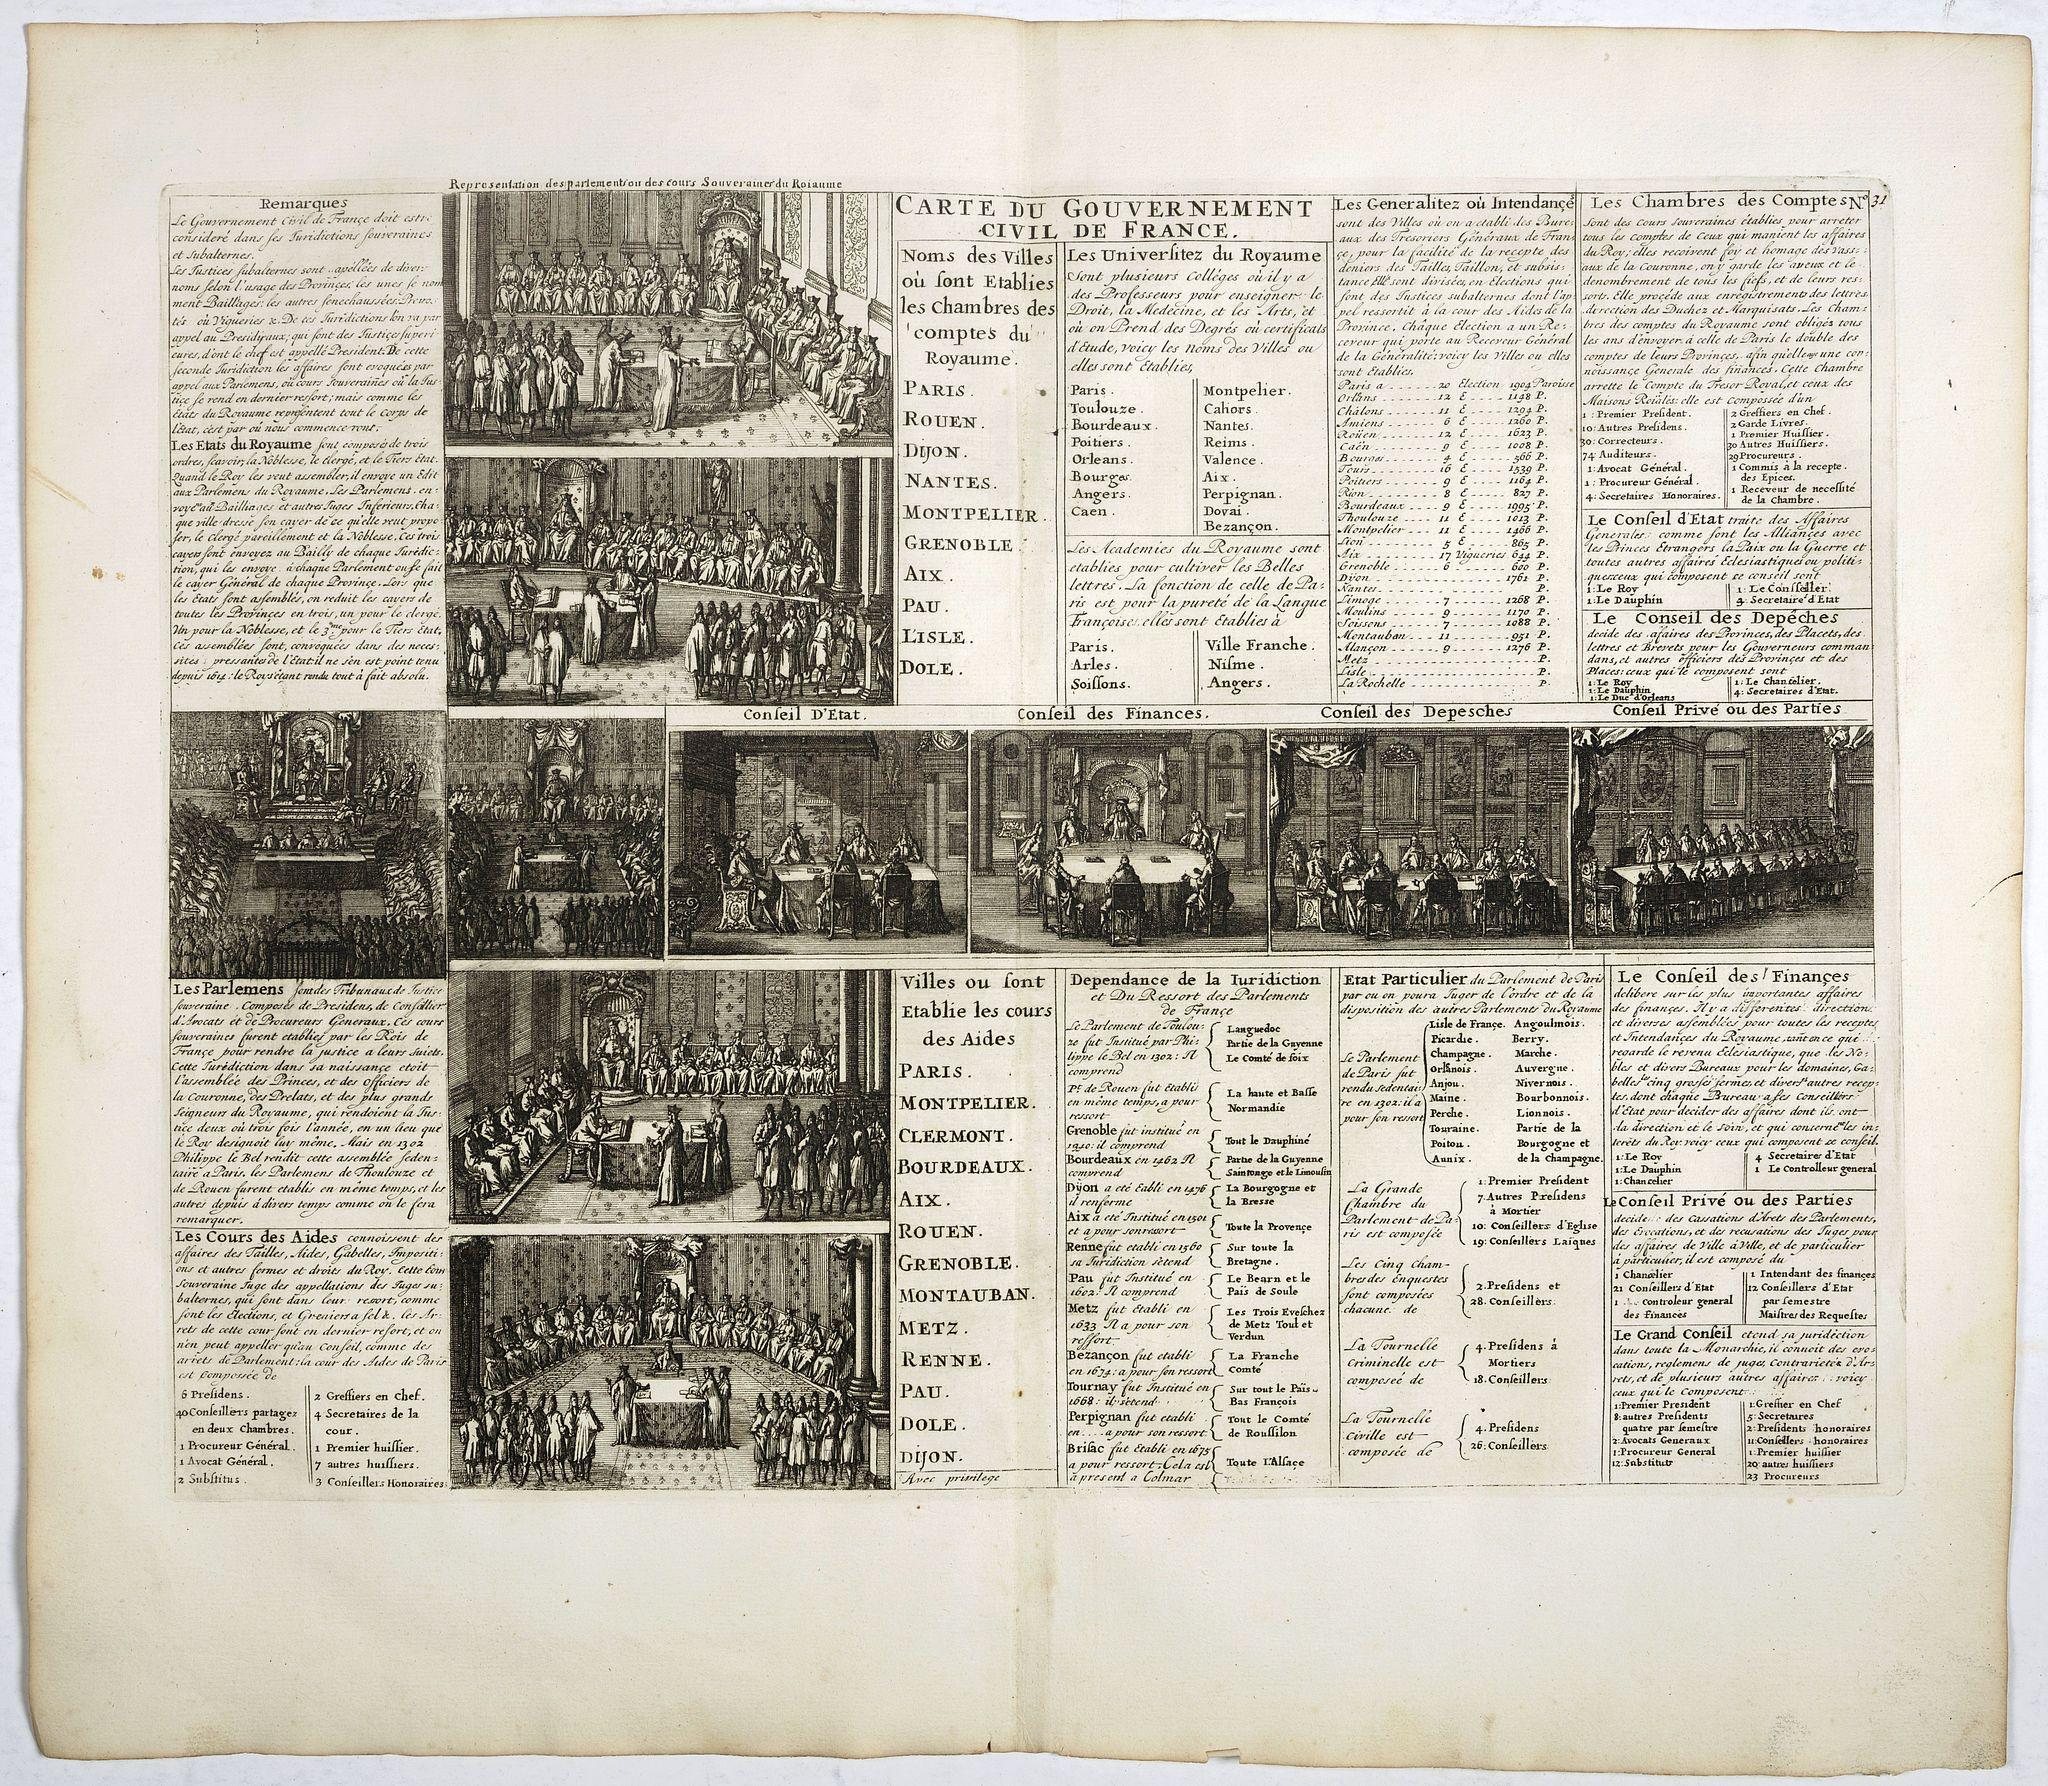 CHATELAIN, H. -  Carte du Gouvernement Civil de France.